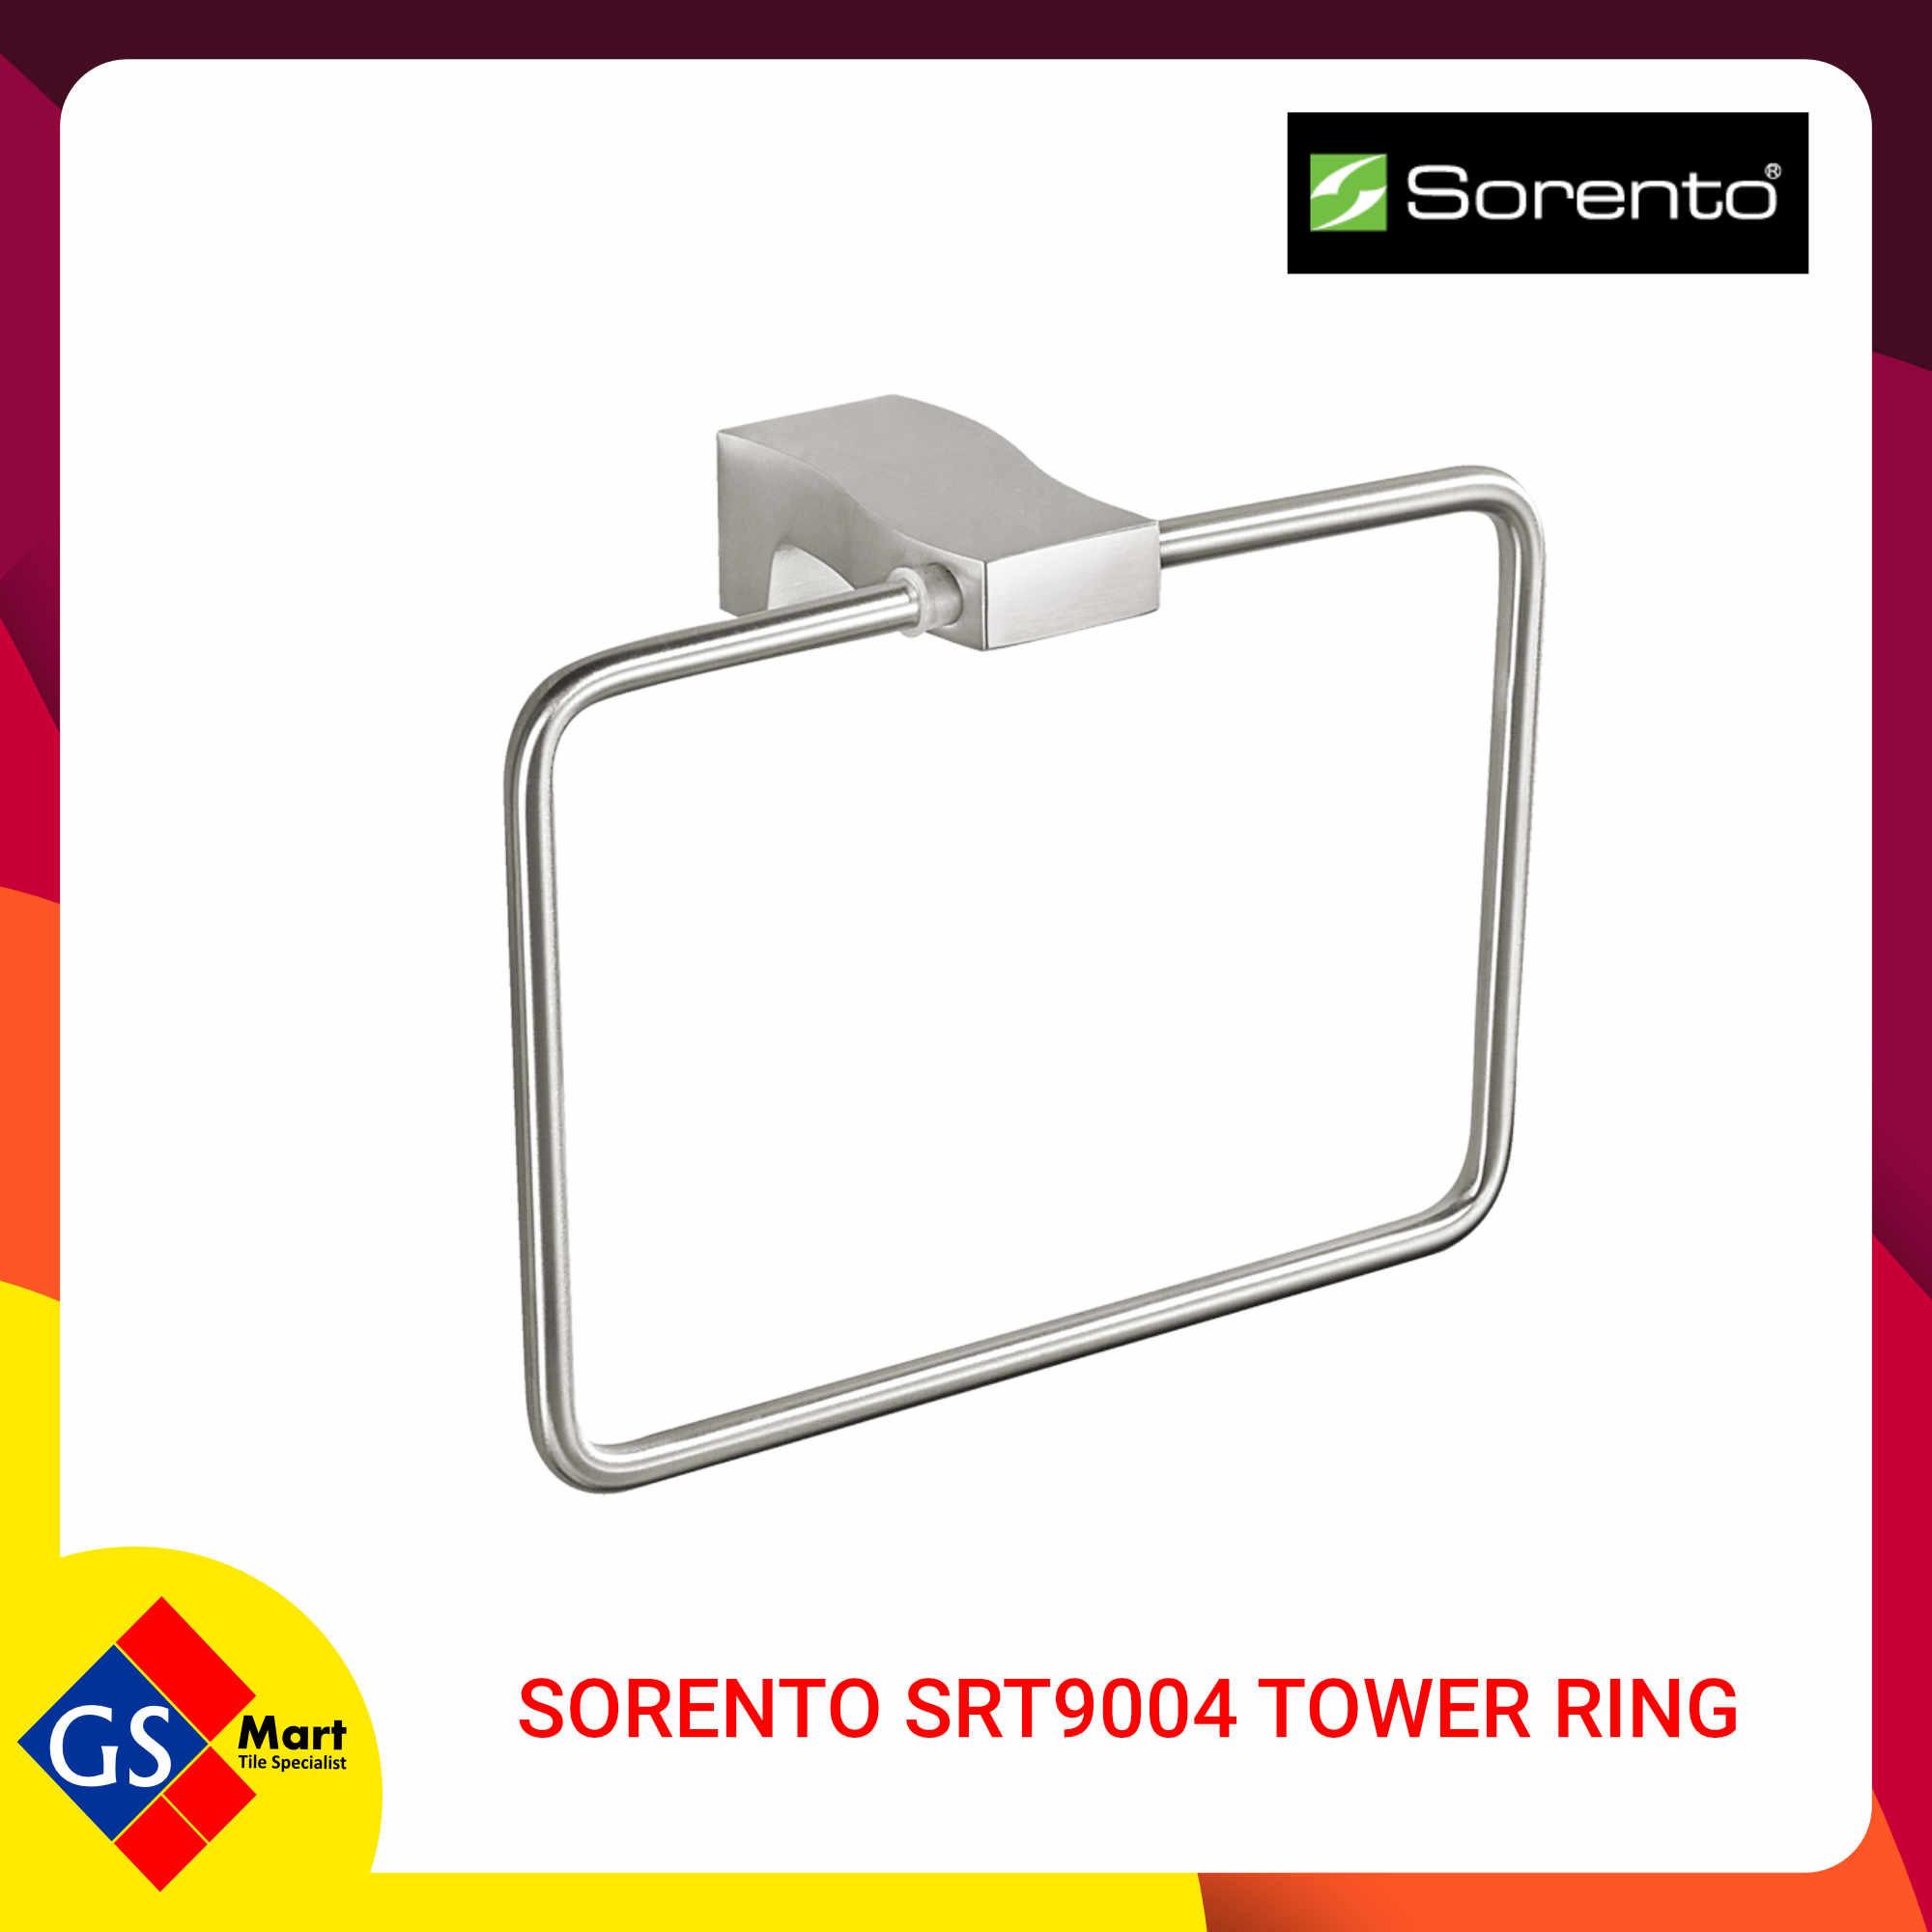 SORENTO SRT9004 TOWER RING